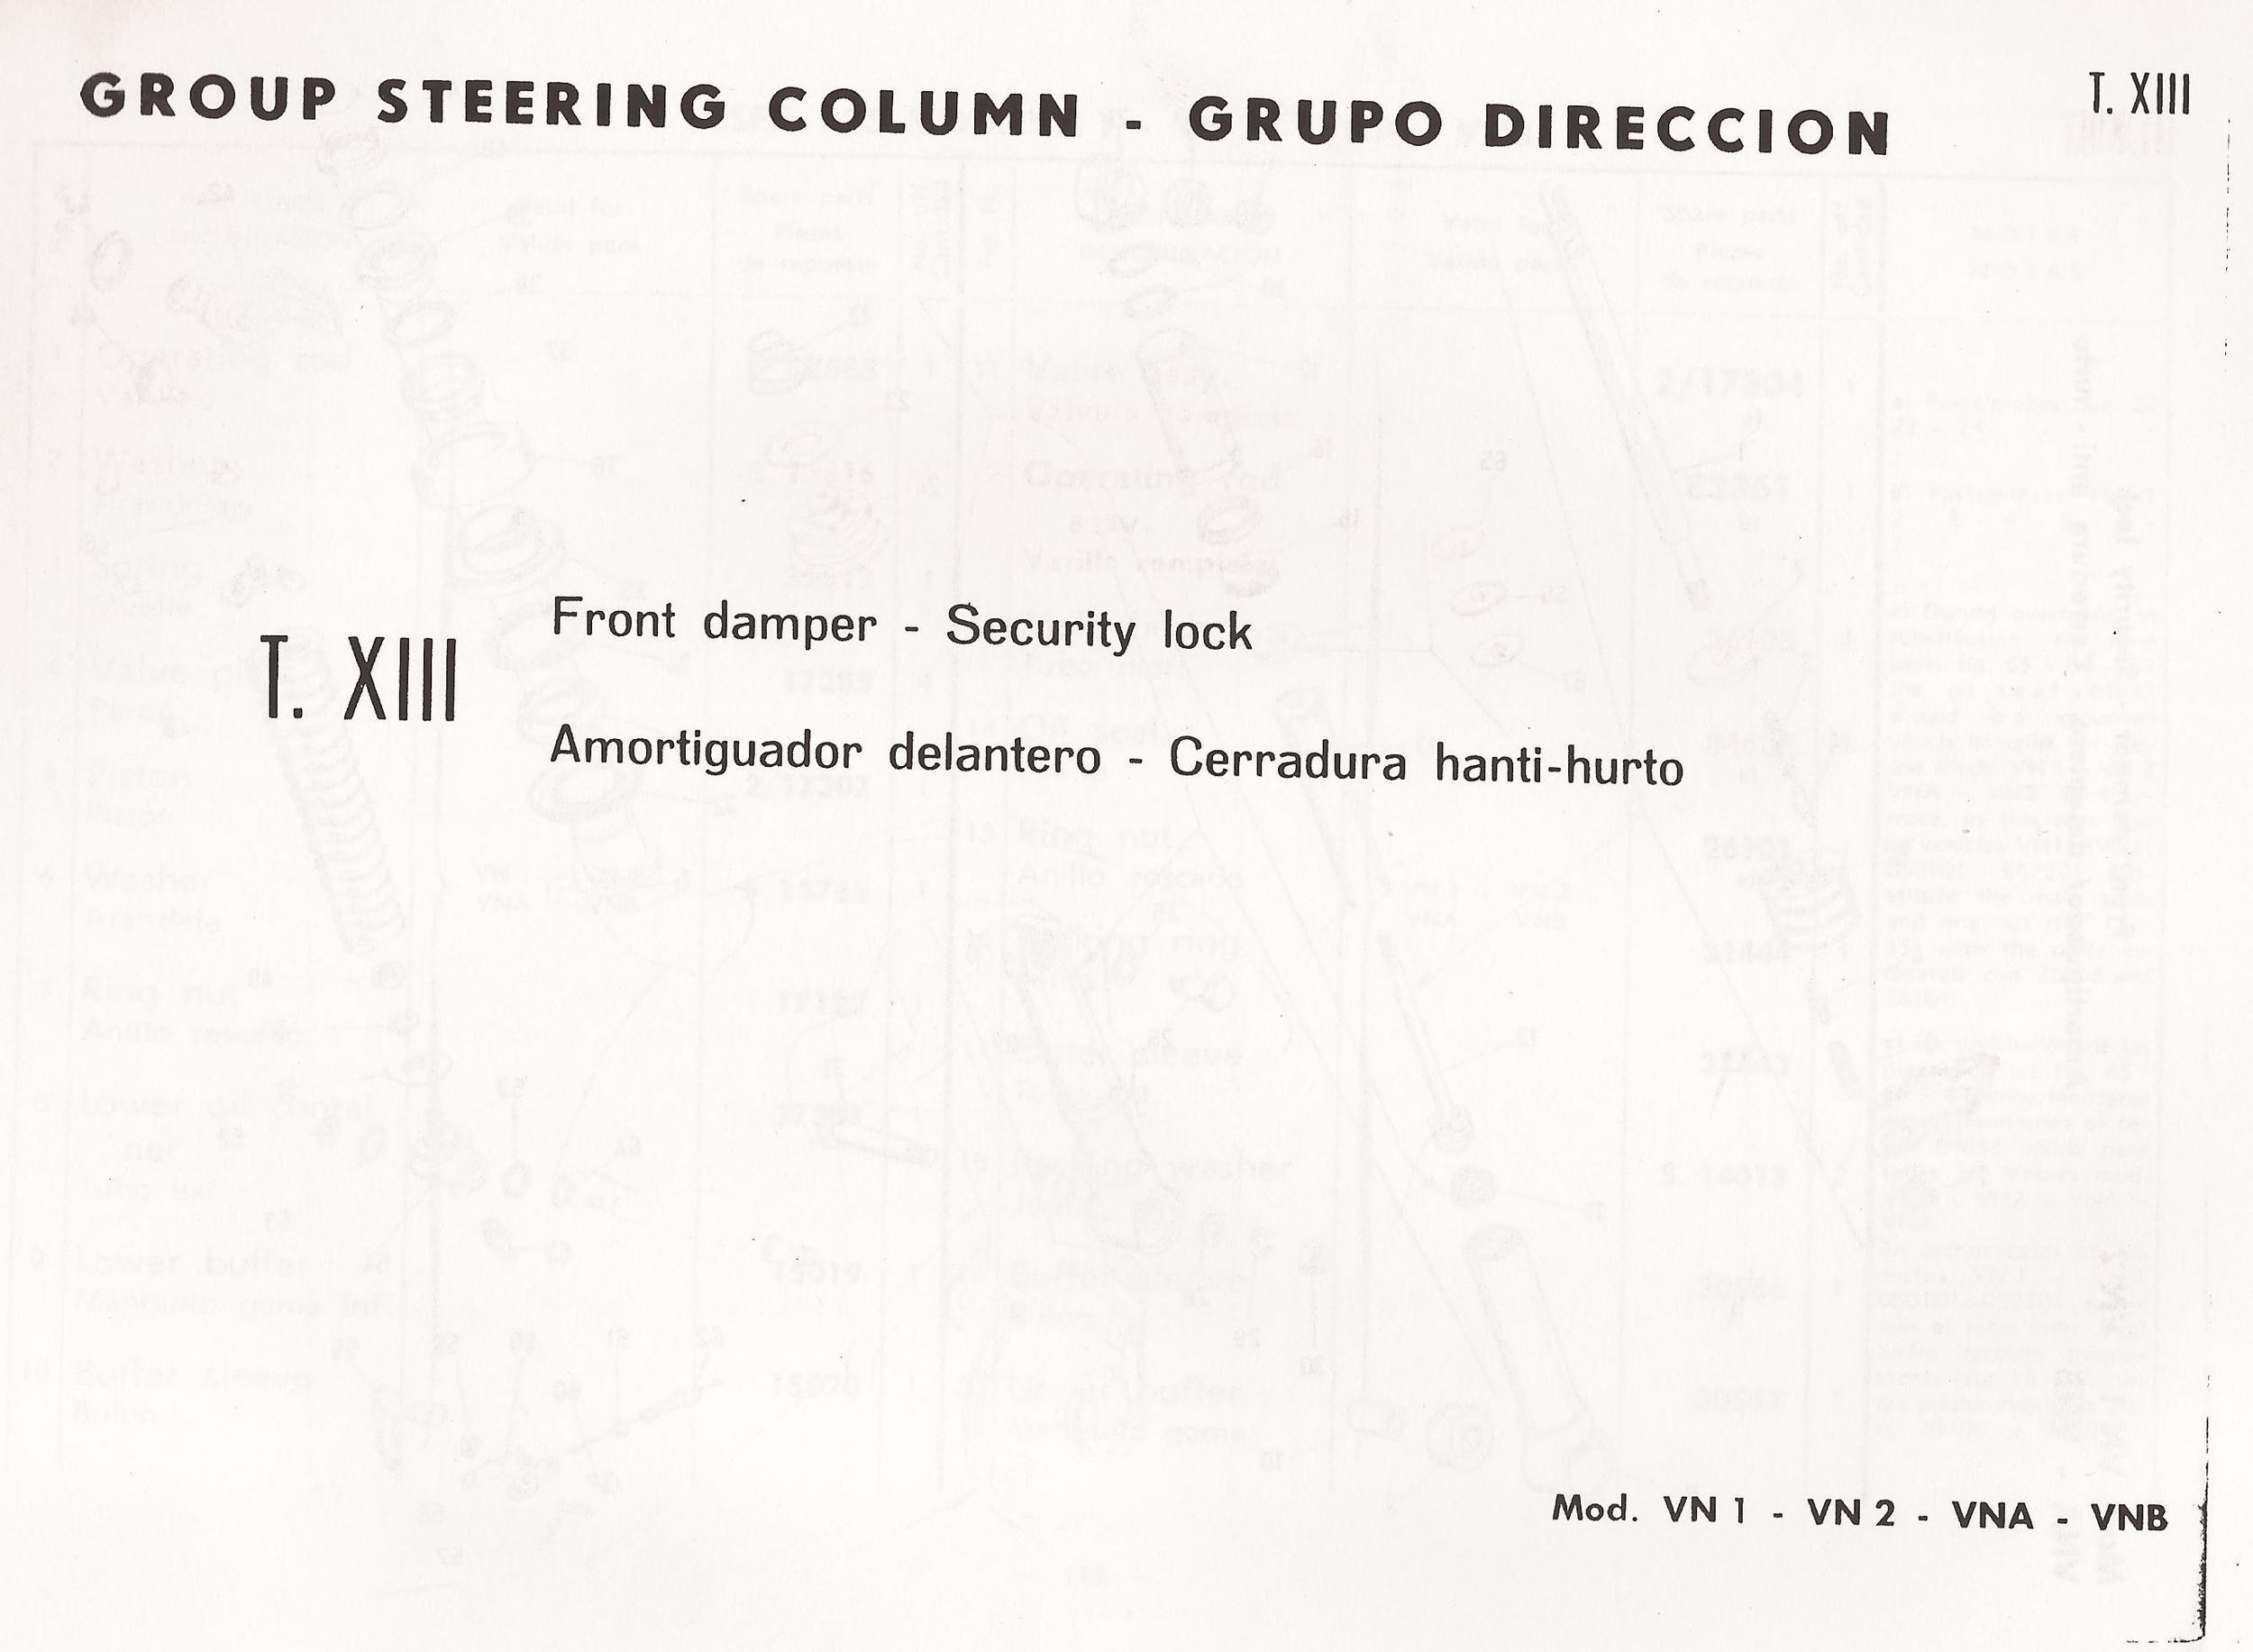 07-16-2013 vespa 125 catalog manuel 117.jpg